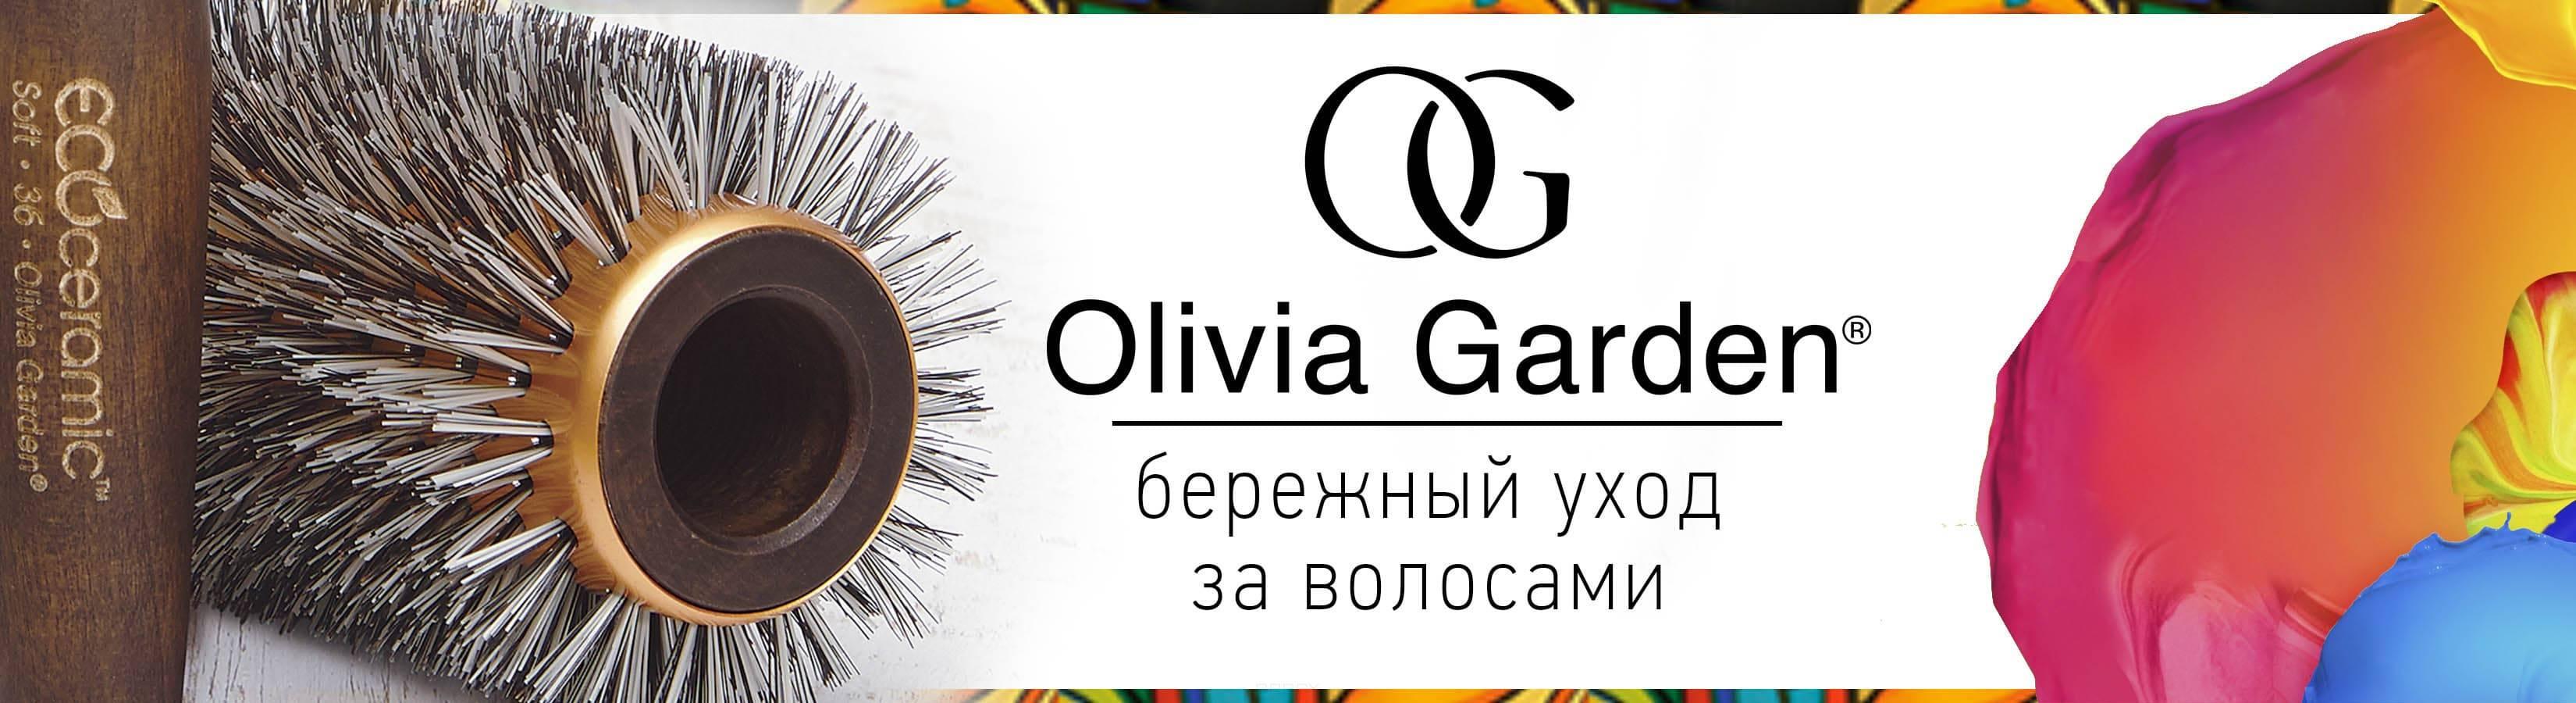 Olivia Garden Дисплей с щетками подарочный STYLE (24 шт.), BR-GID24-STYLE